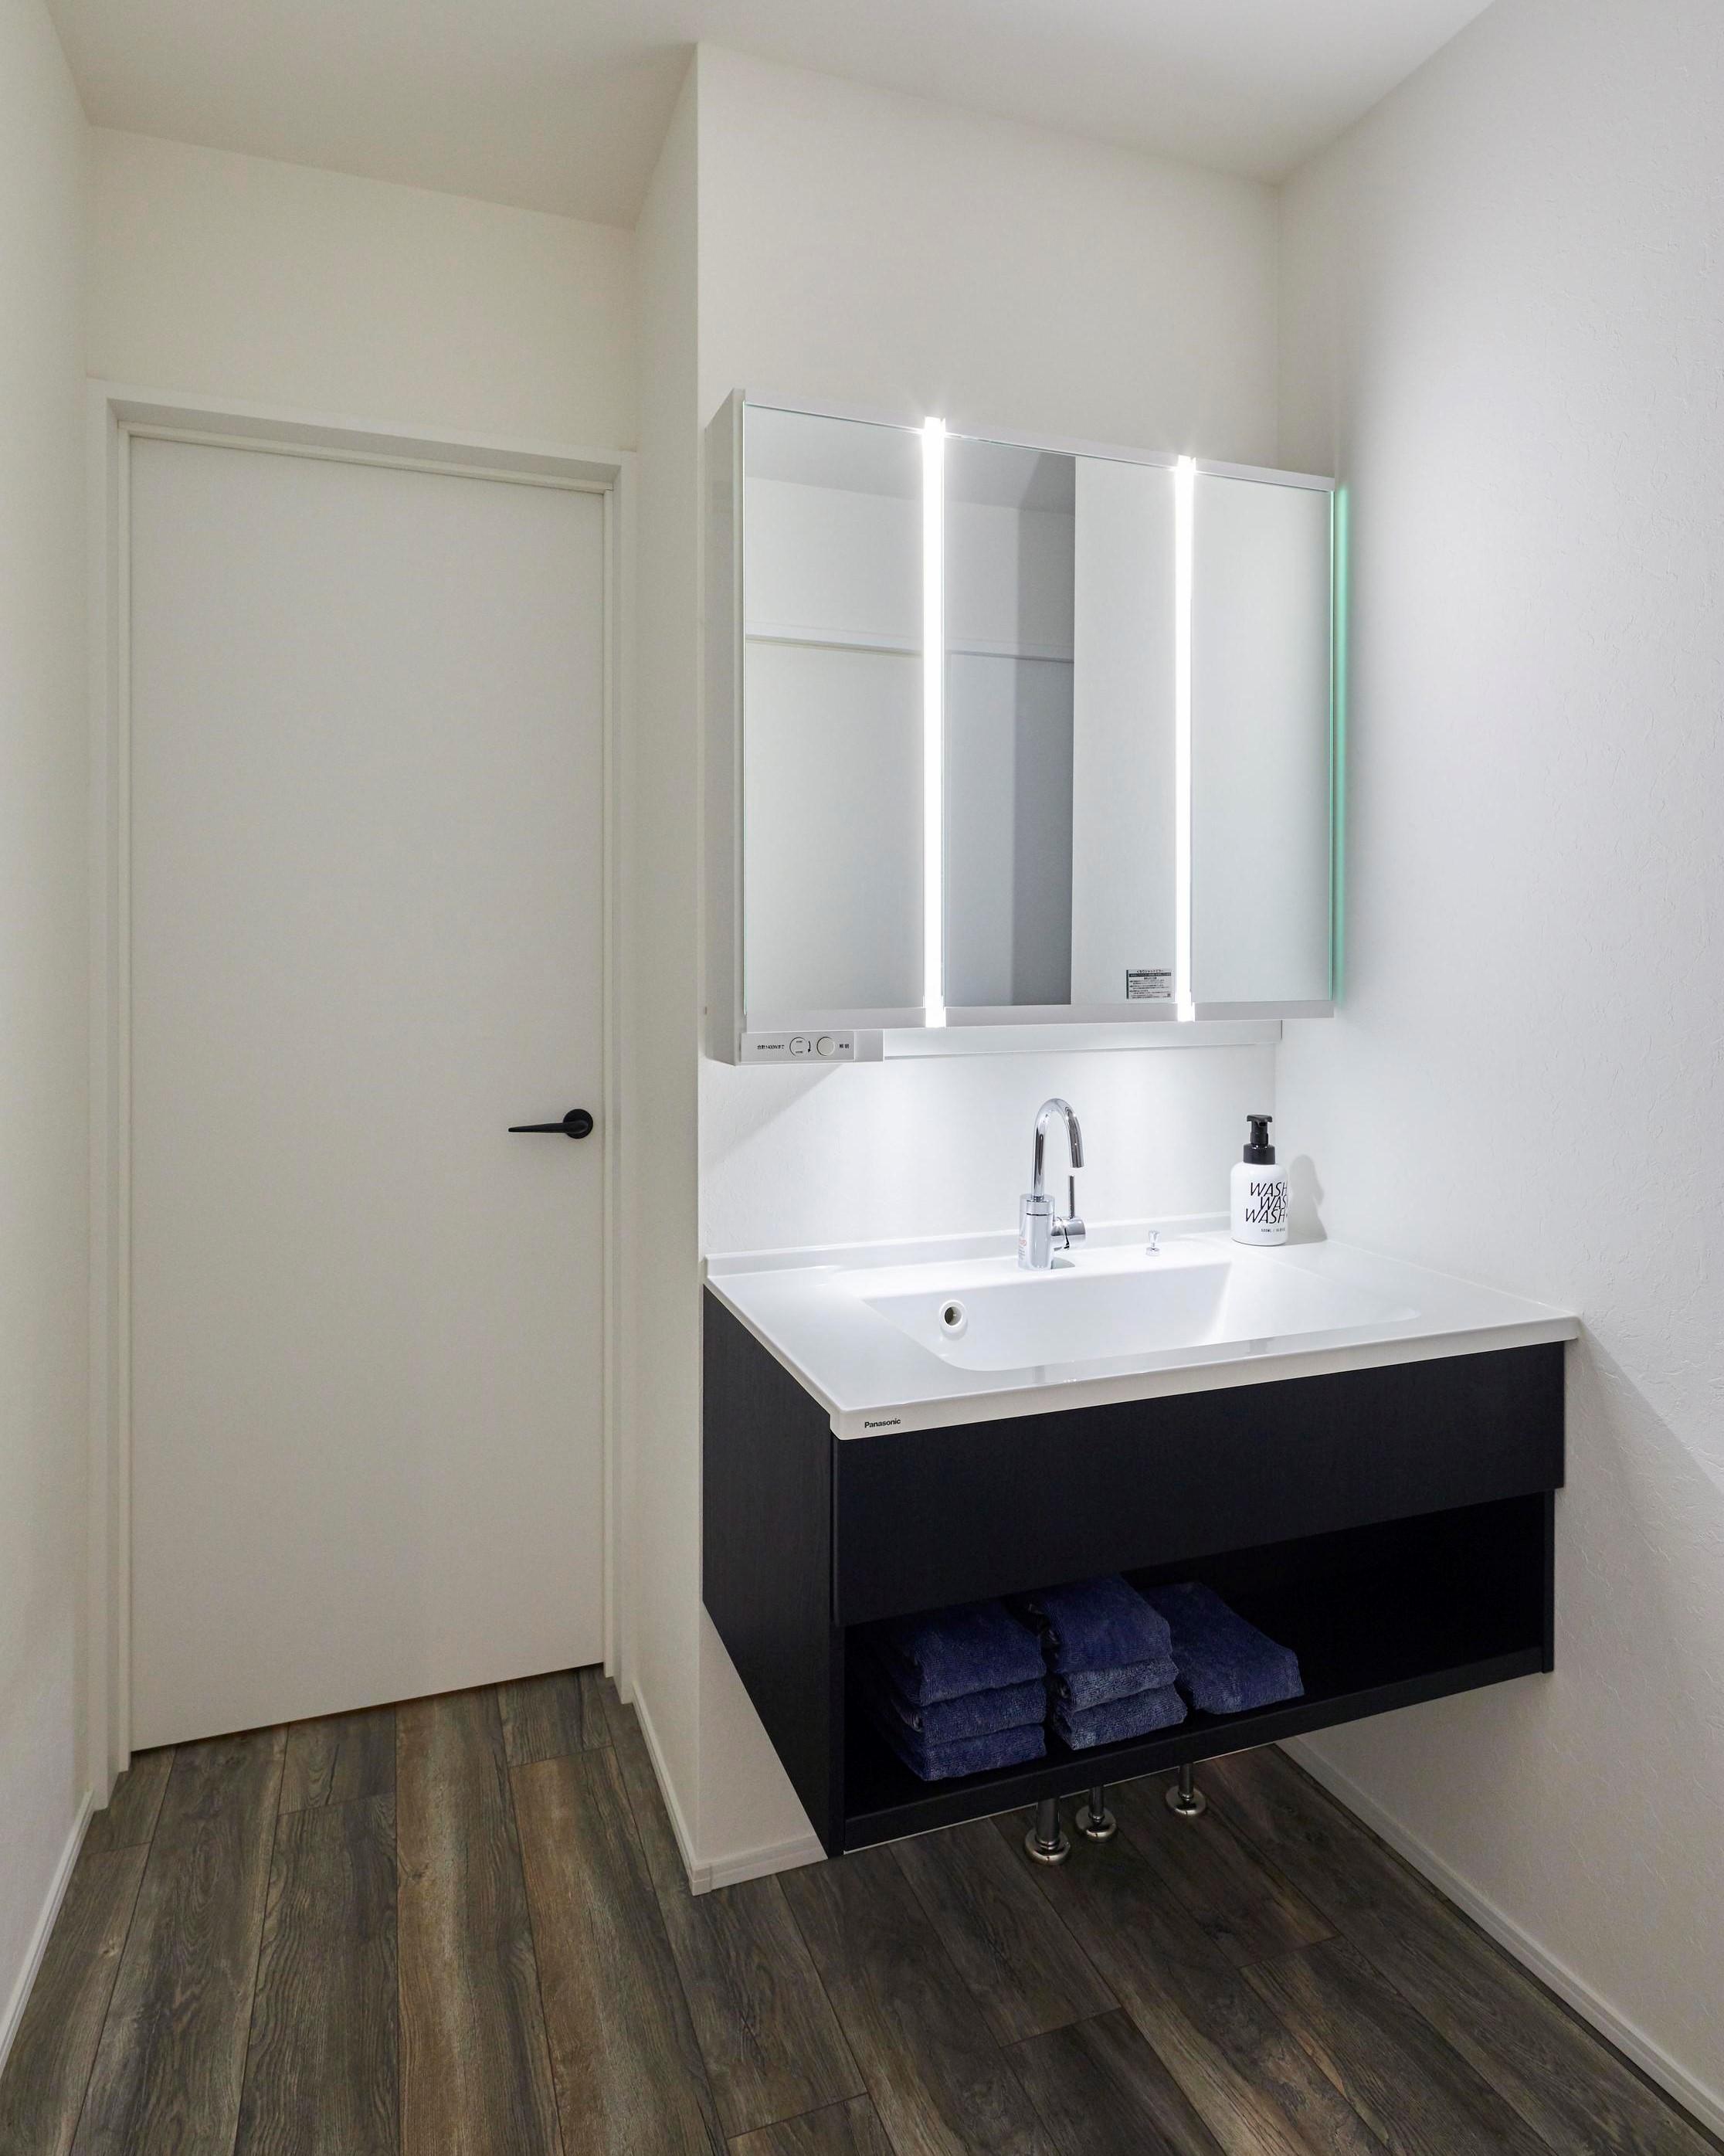 洗面所と脱衣所は別々にし、使い勝手を向上させた